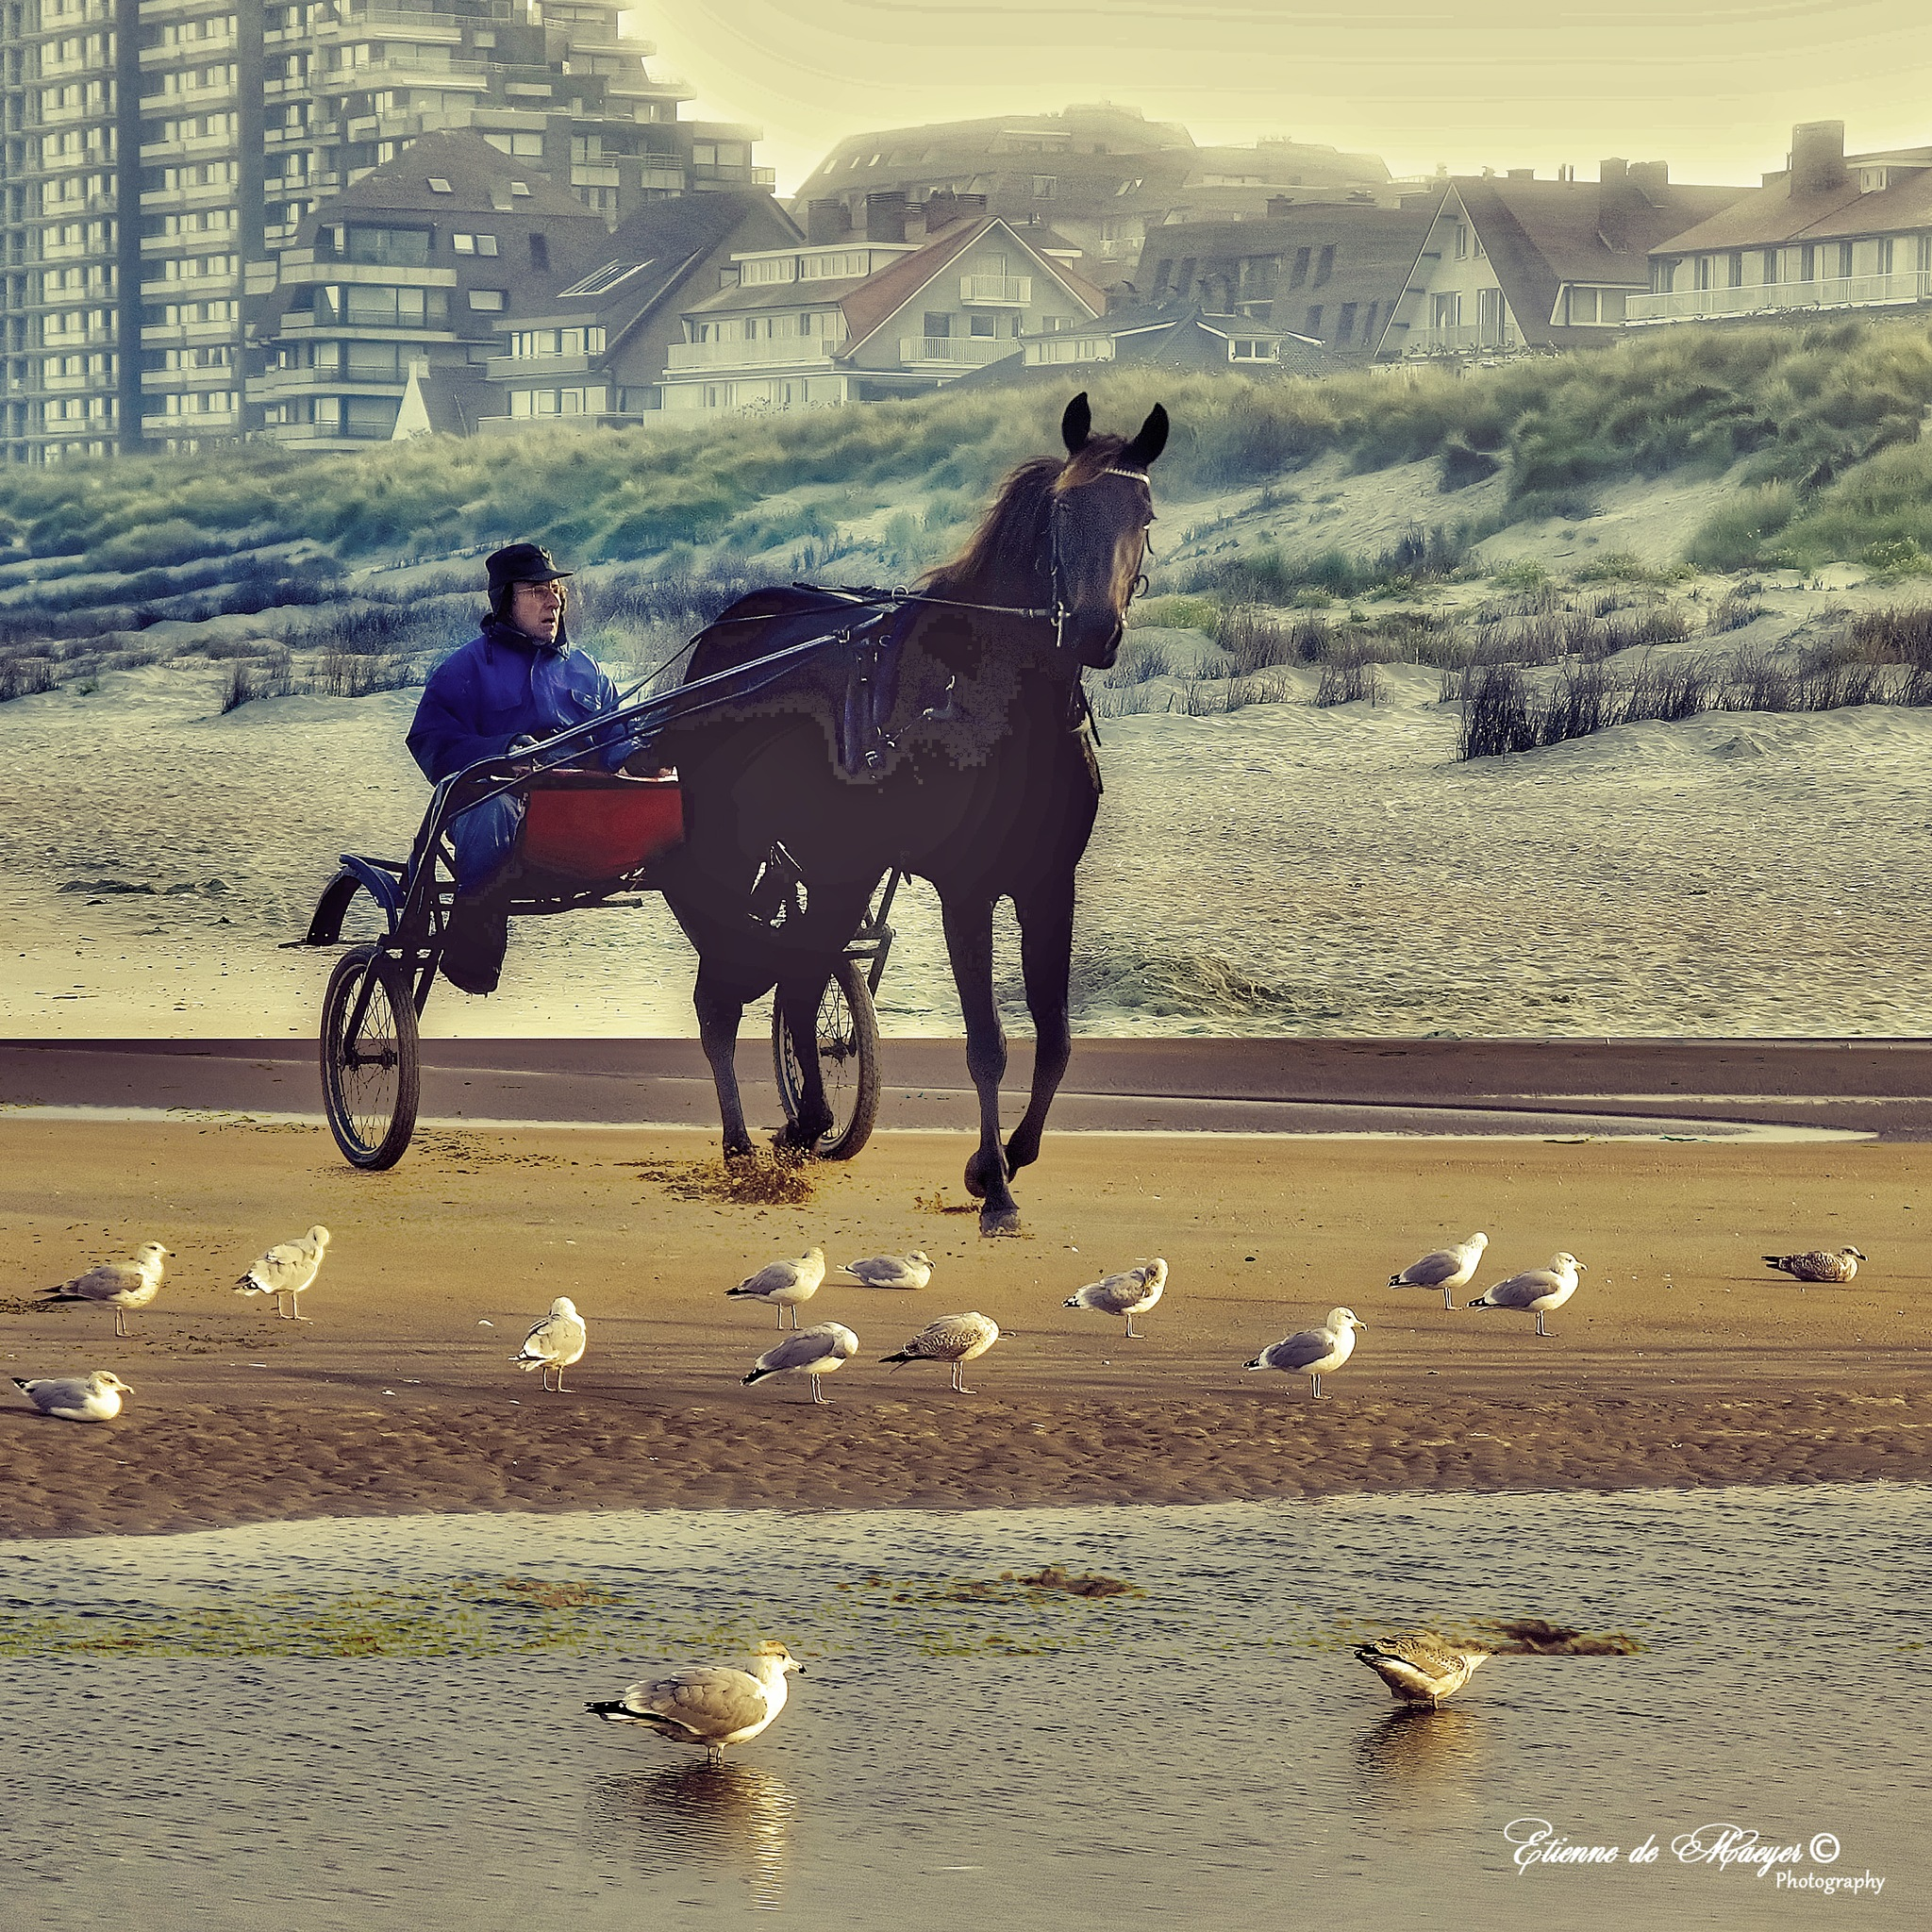 DePanne Beach by Etienne de Maeyer